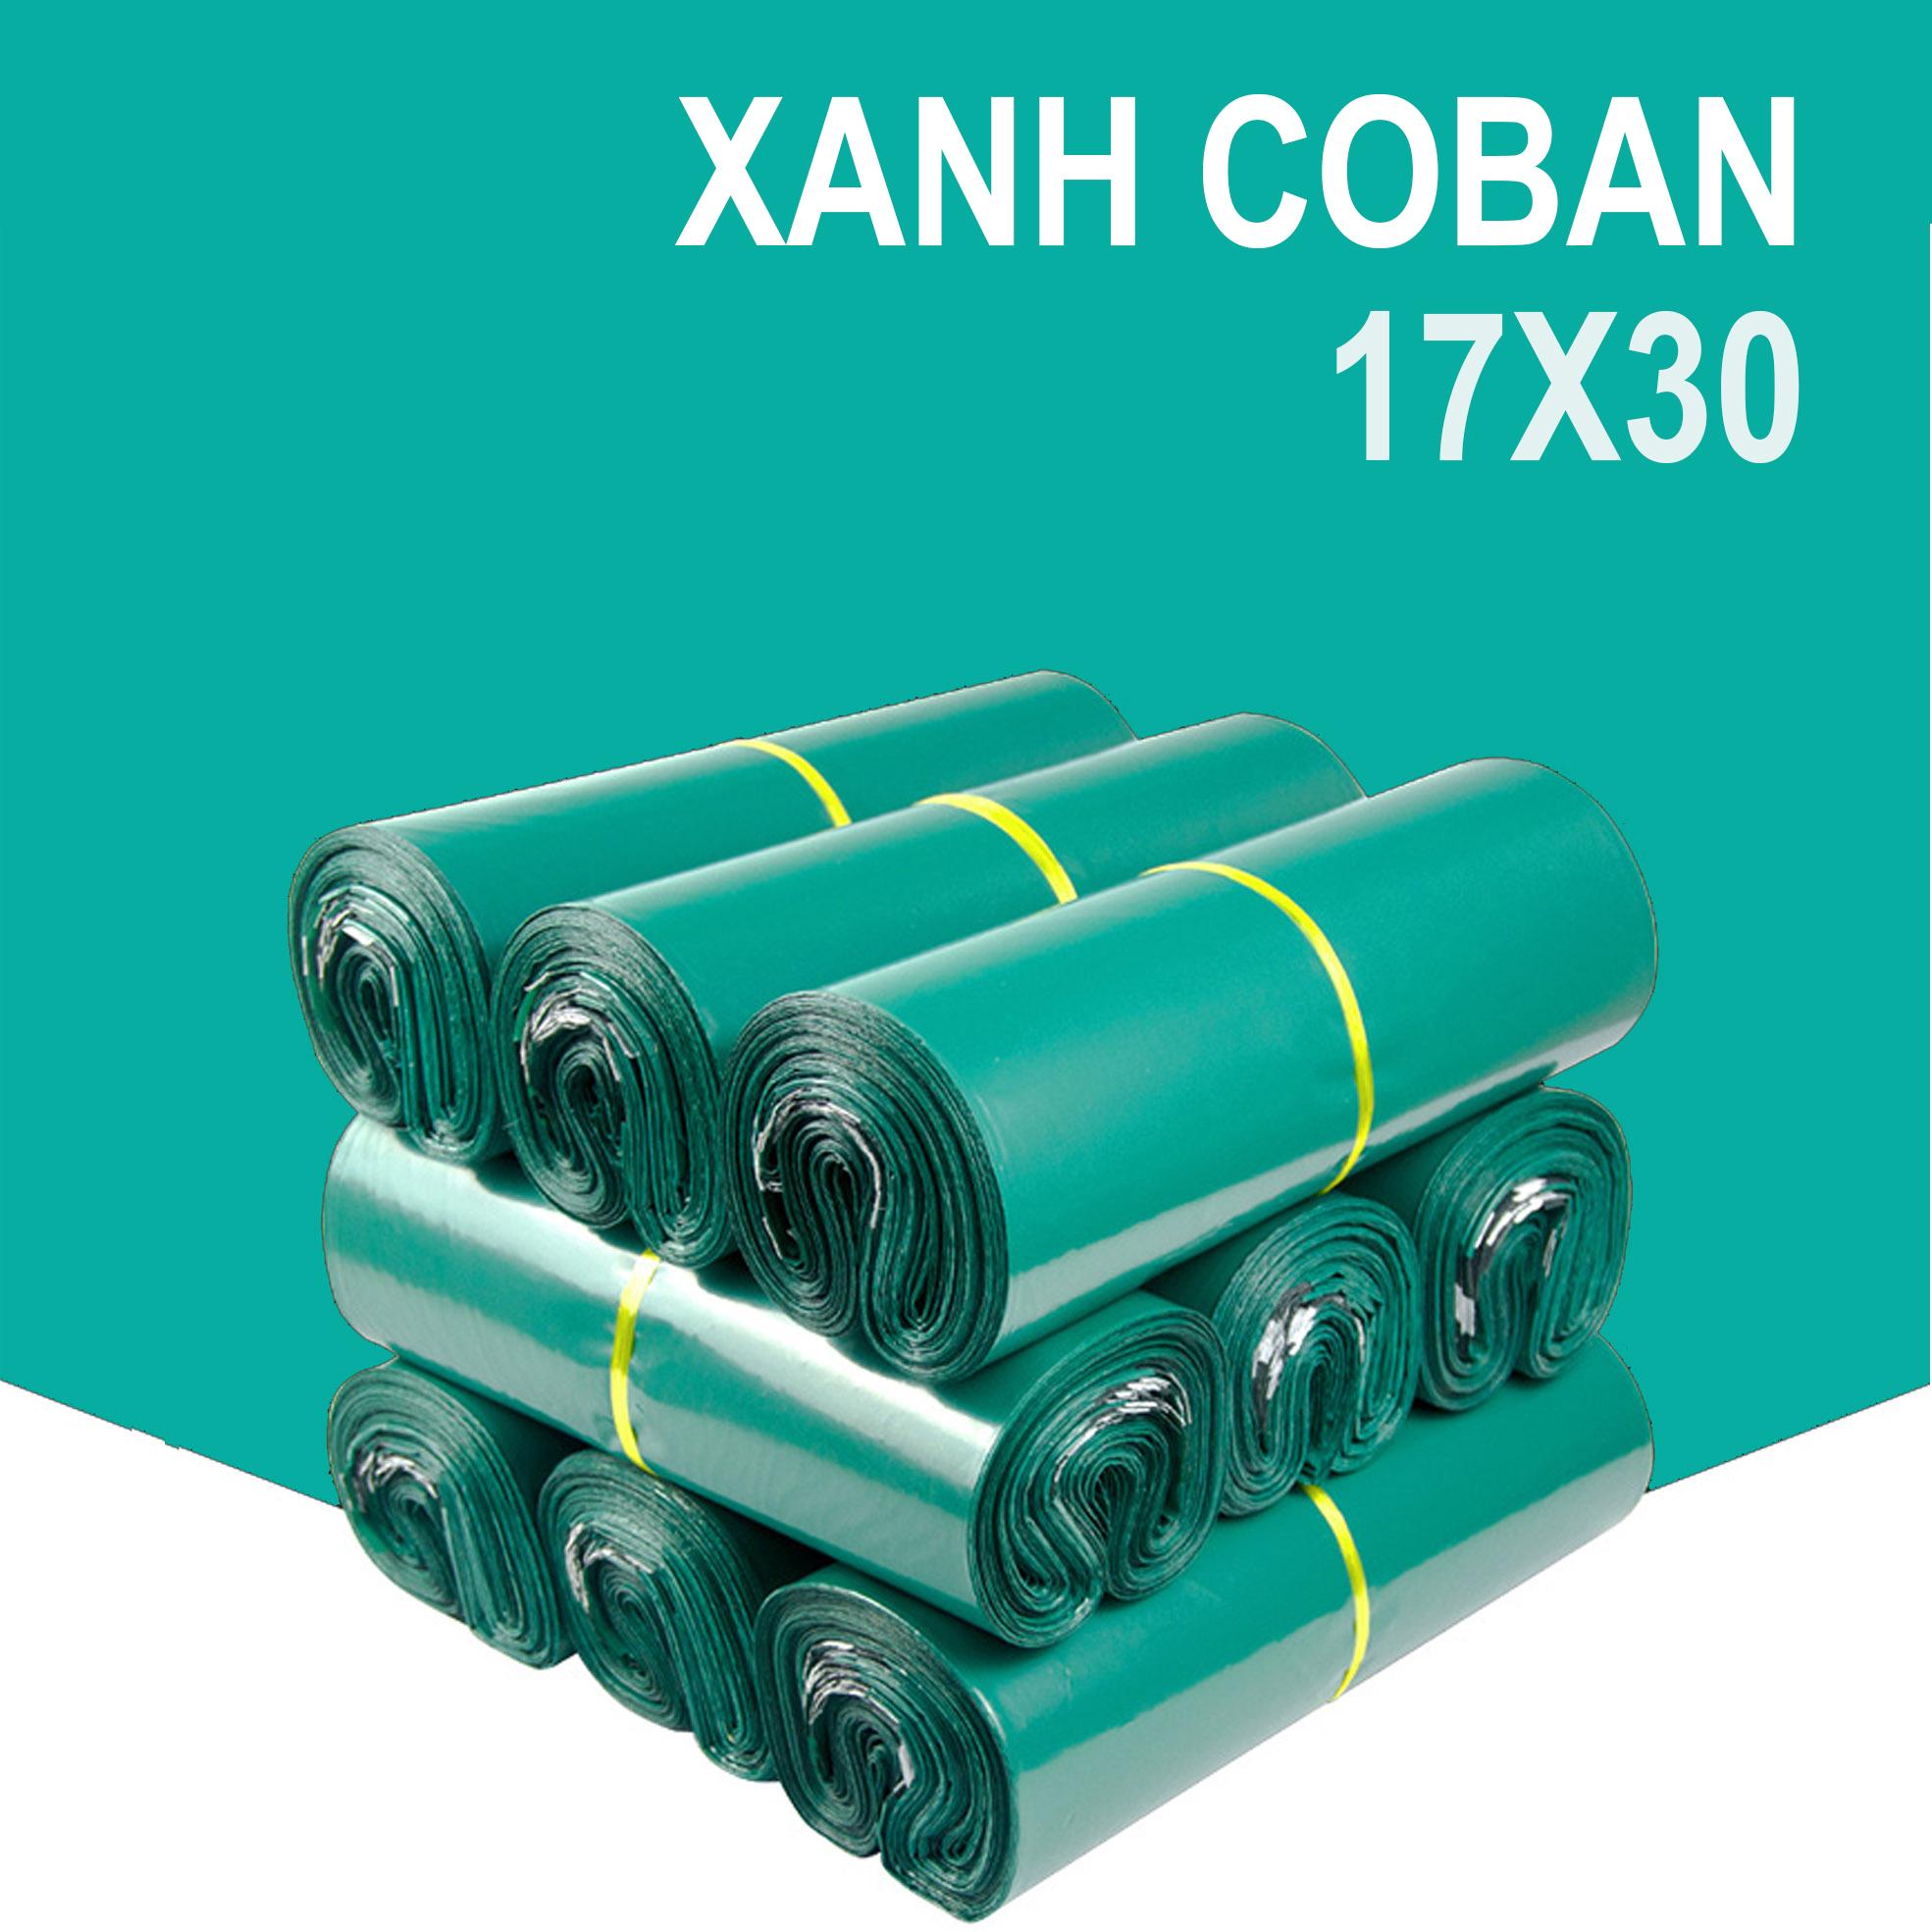 Bộ 100 Túi Nylon Xanh 17x30cm Đóng Hàng Niêm Phong Có Keo Dán Miệng